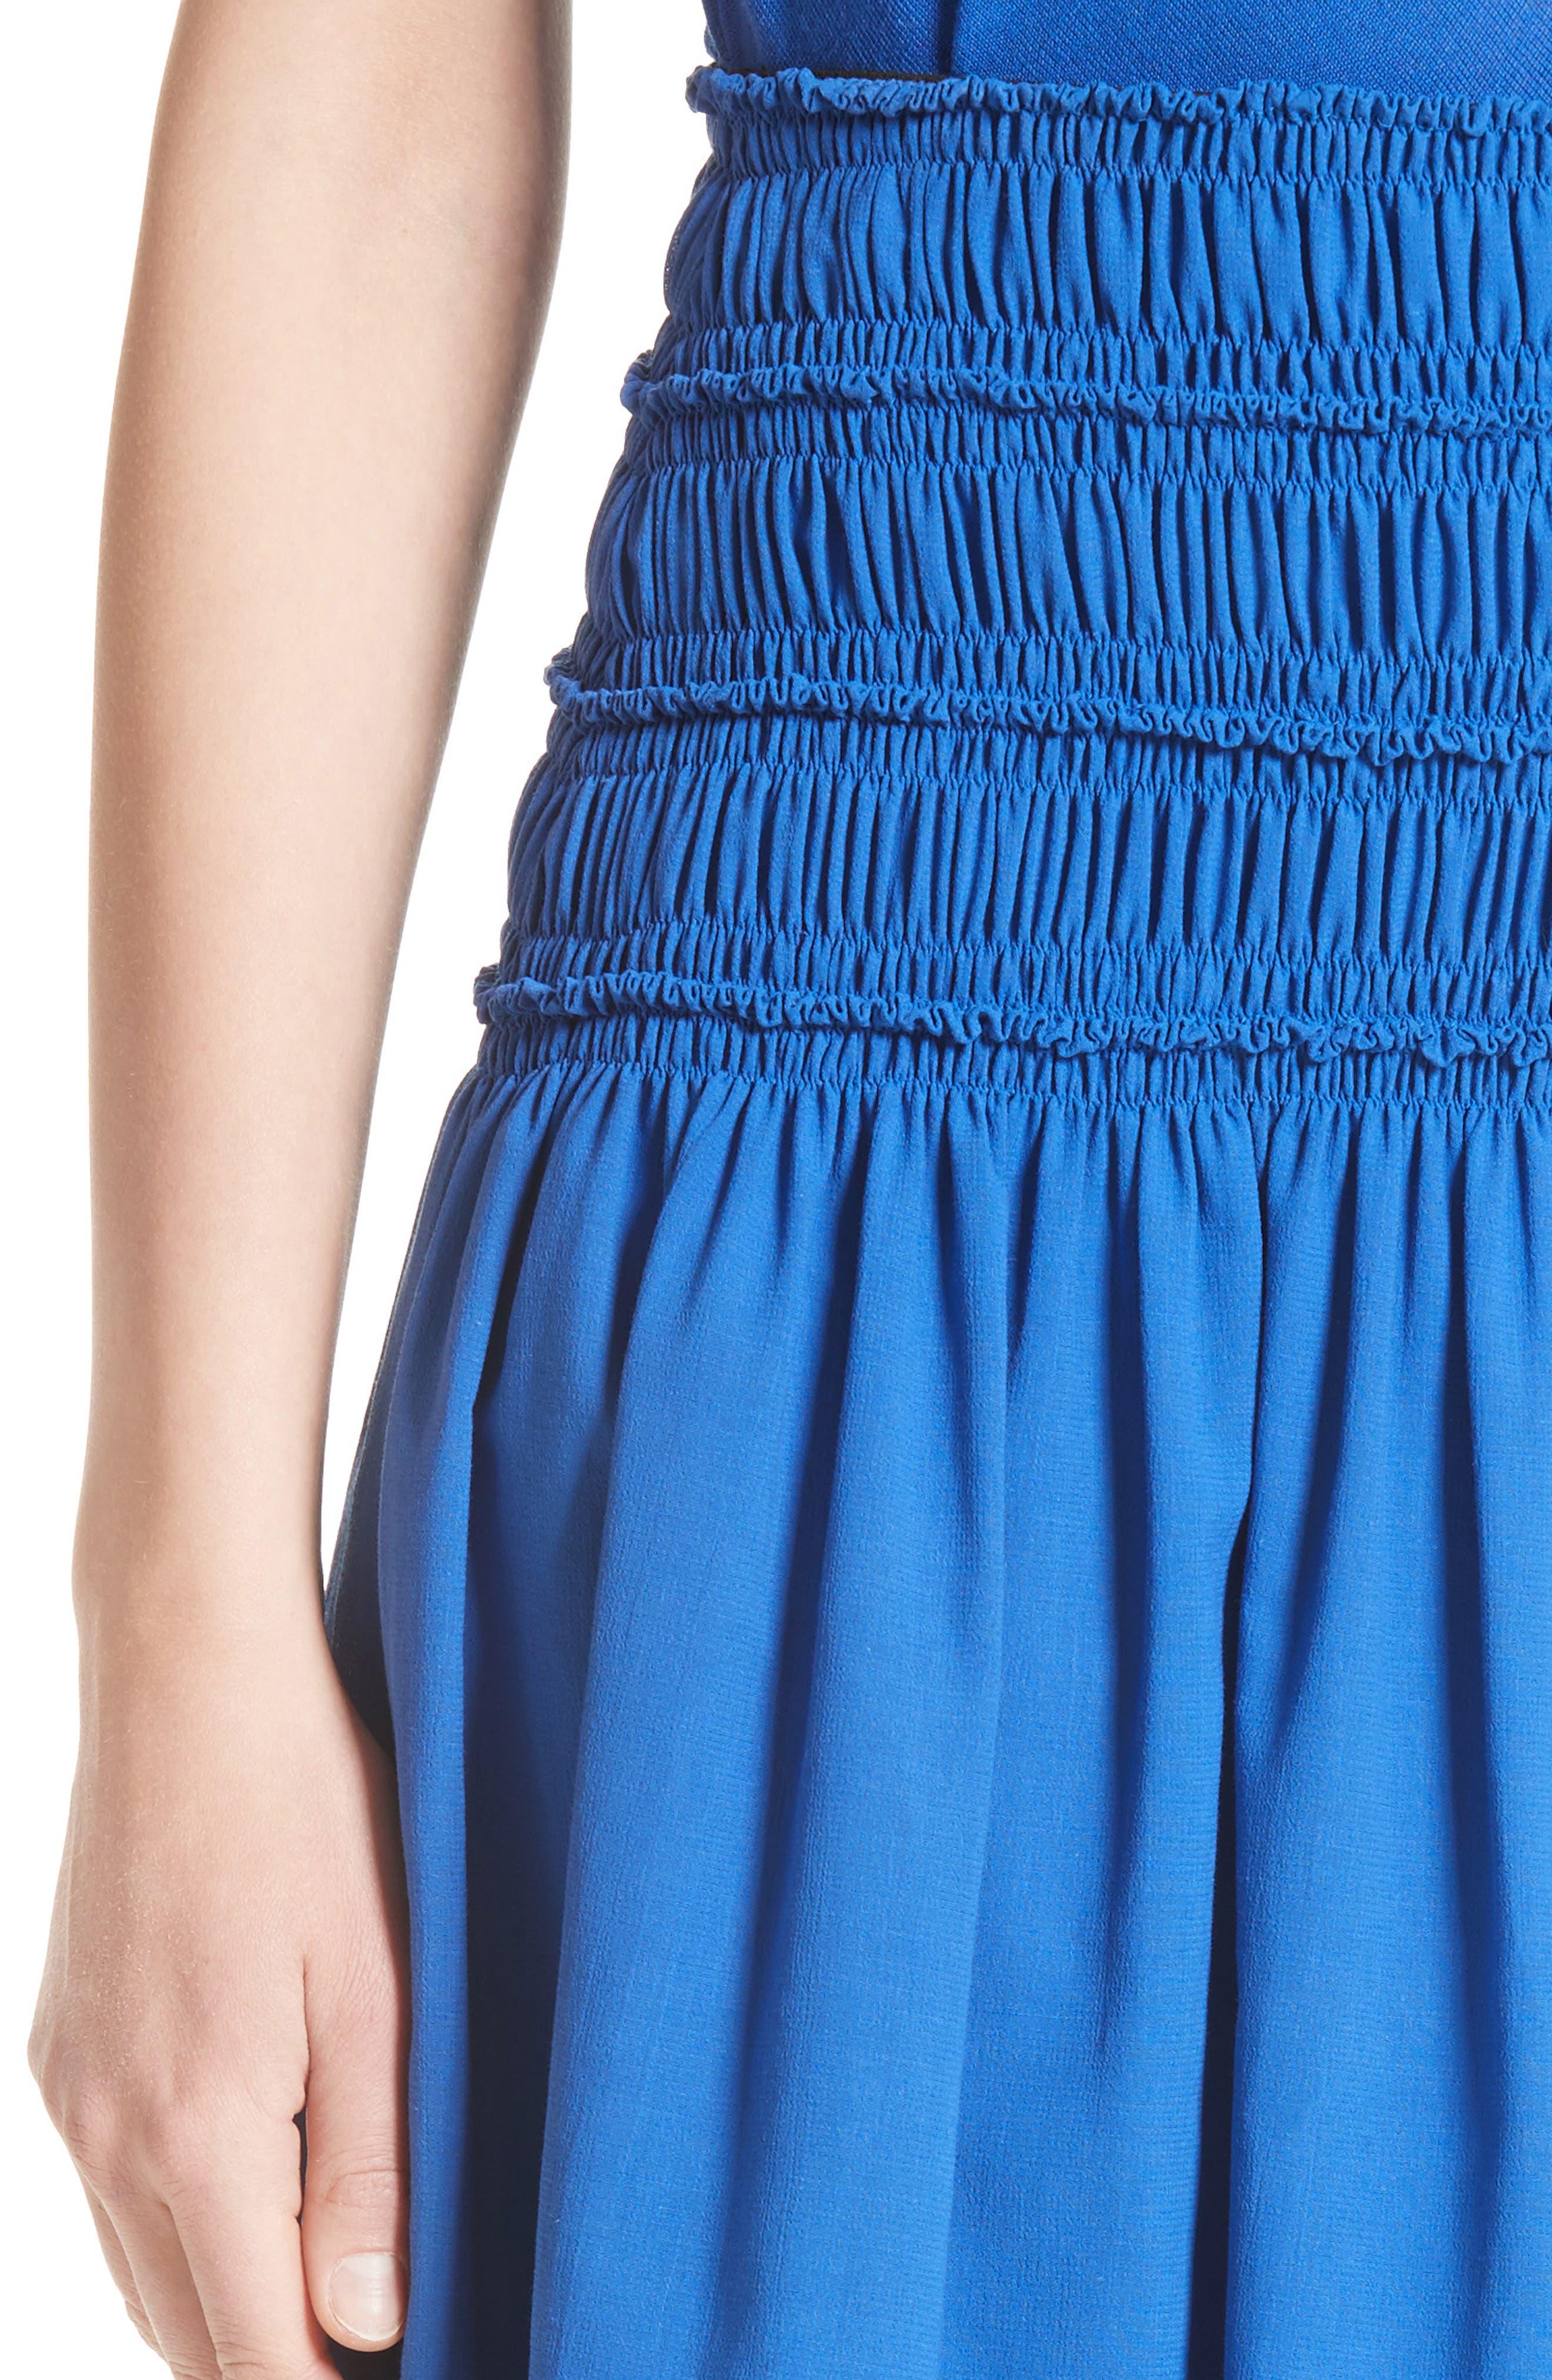 Akris Smocked Ruffle Skirt,                             Alternate thumbnail 4, color,                             400